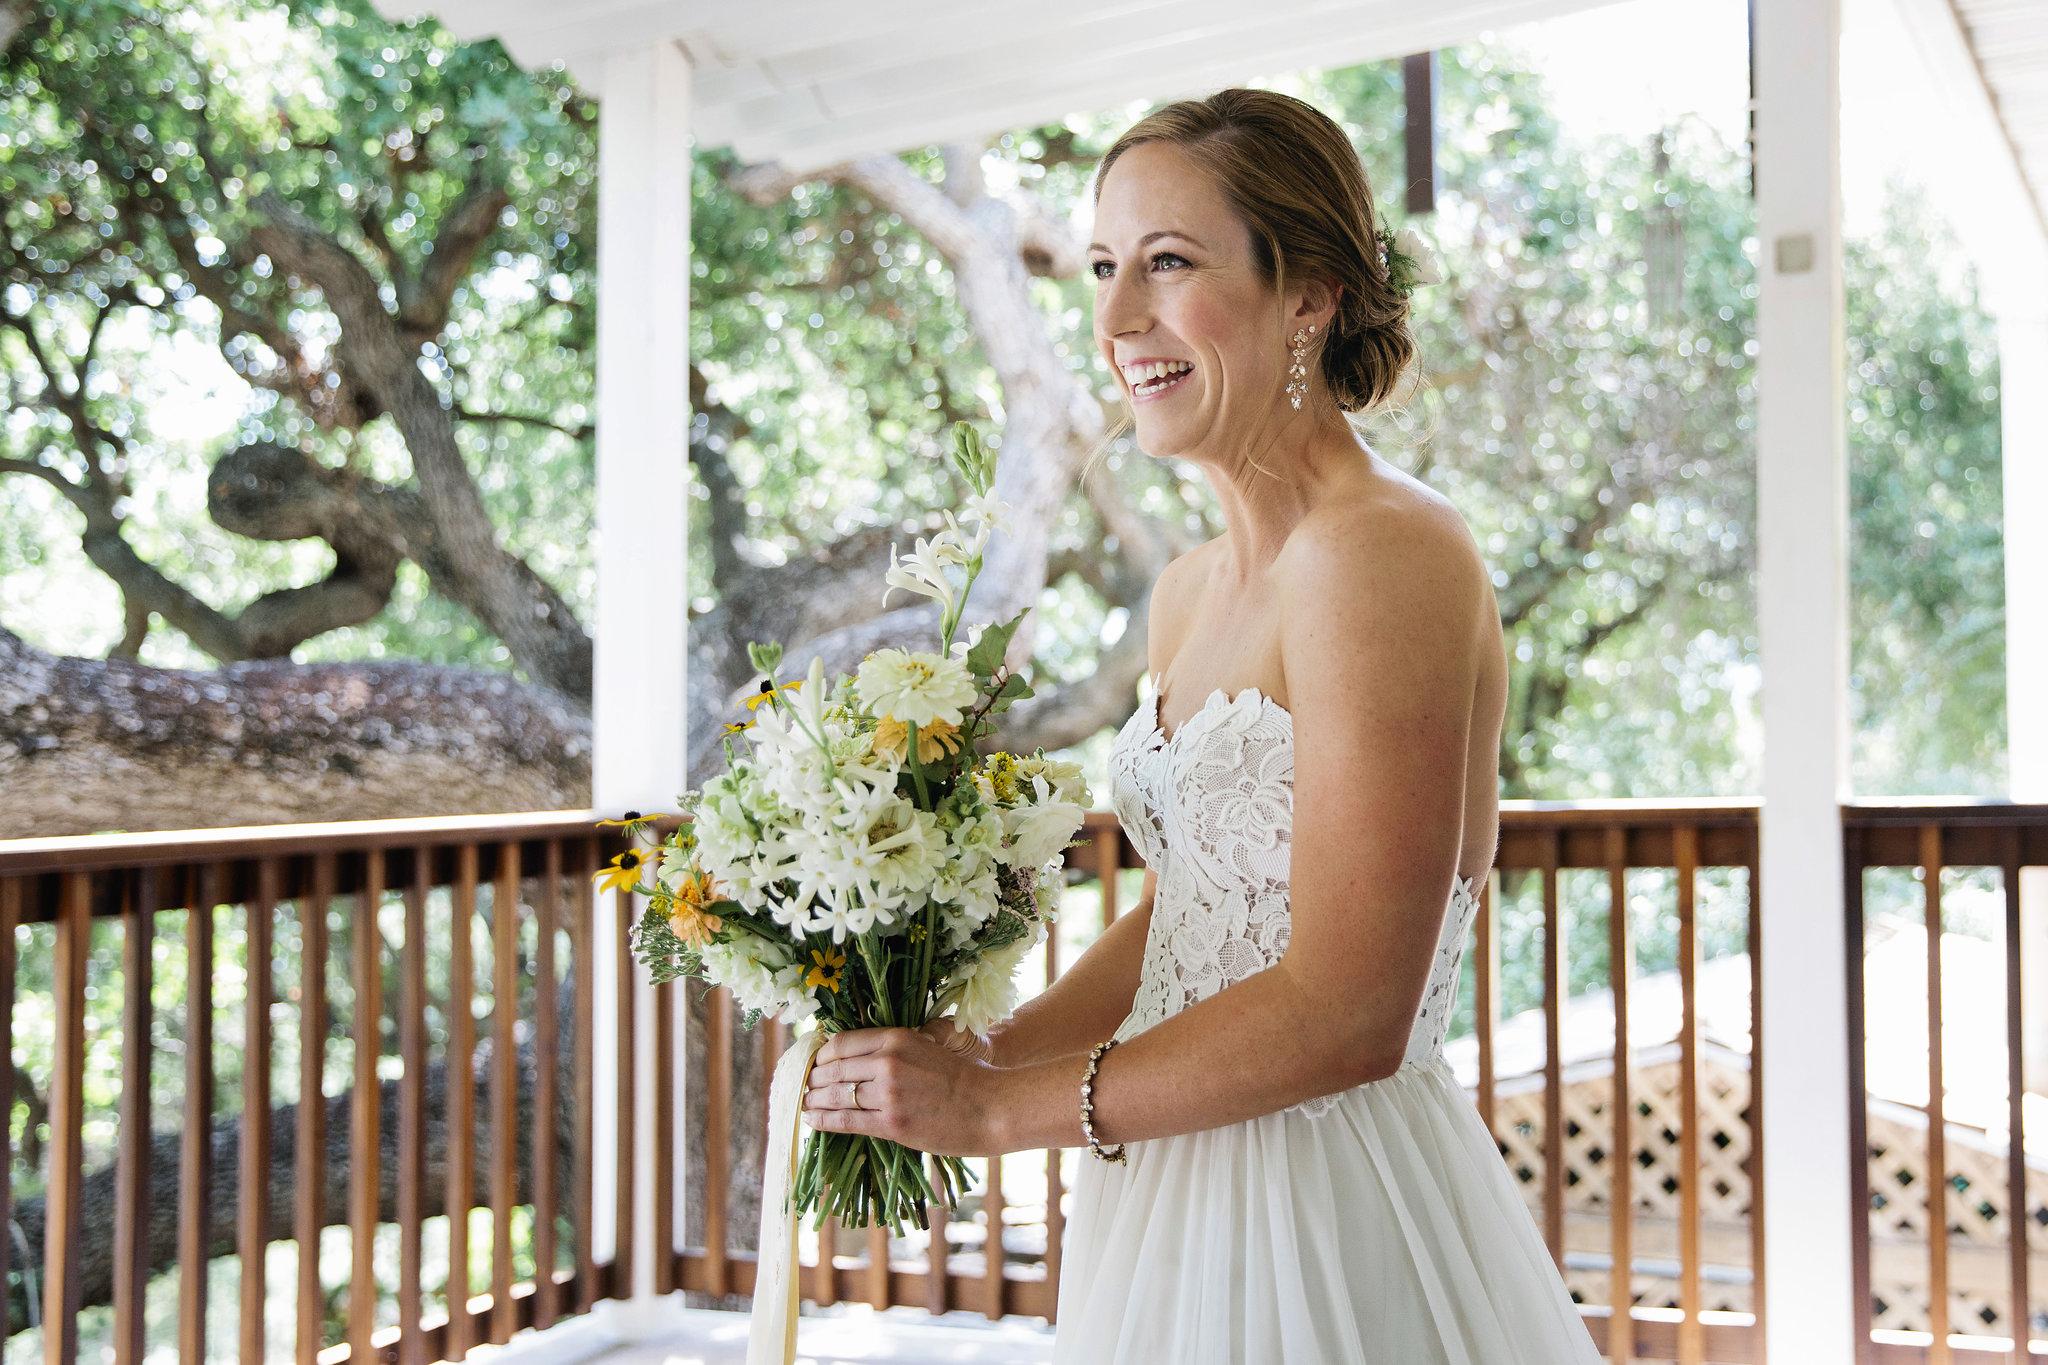 Wedding-Private-Home-South-Bay-19.JPG